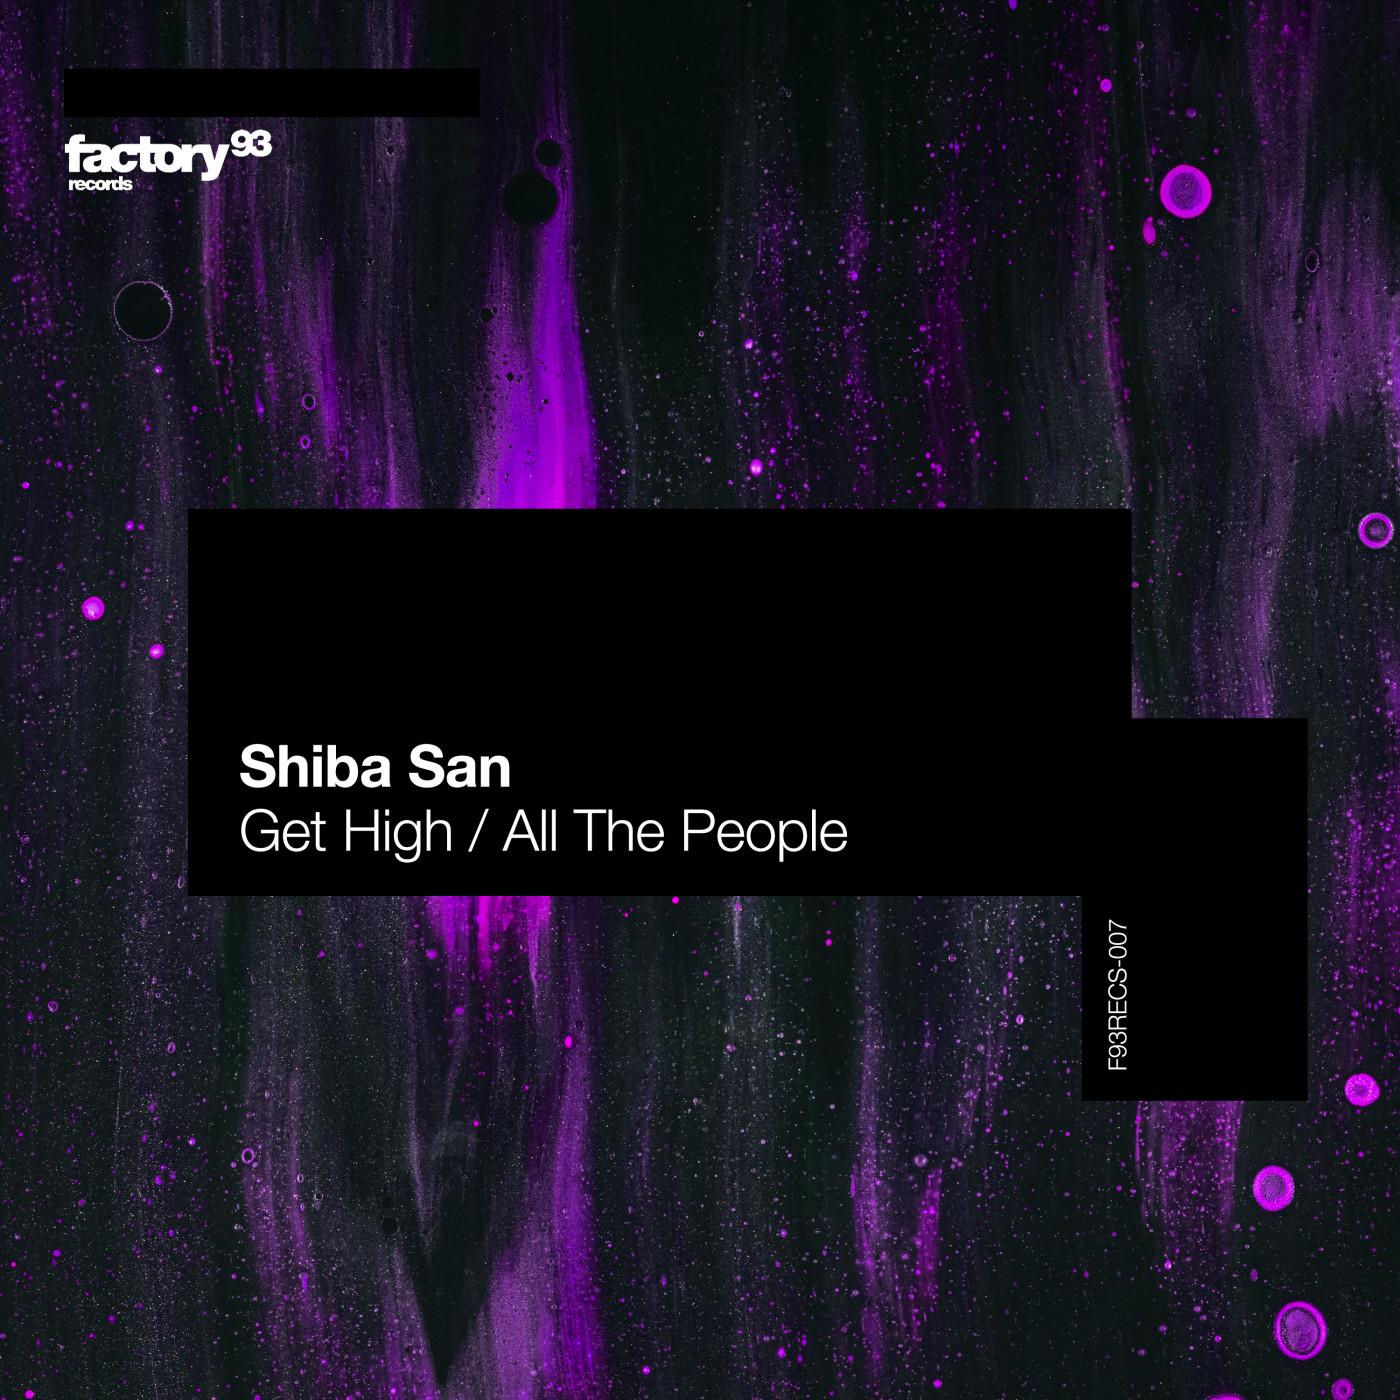 Shiba San – Get High / All The People